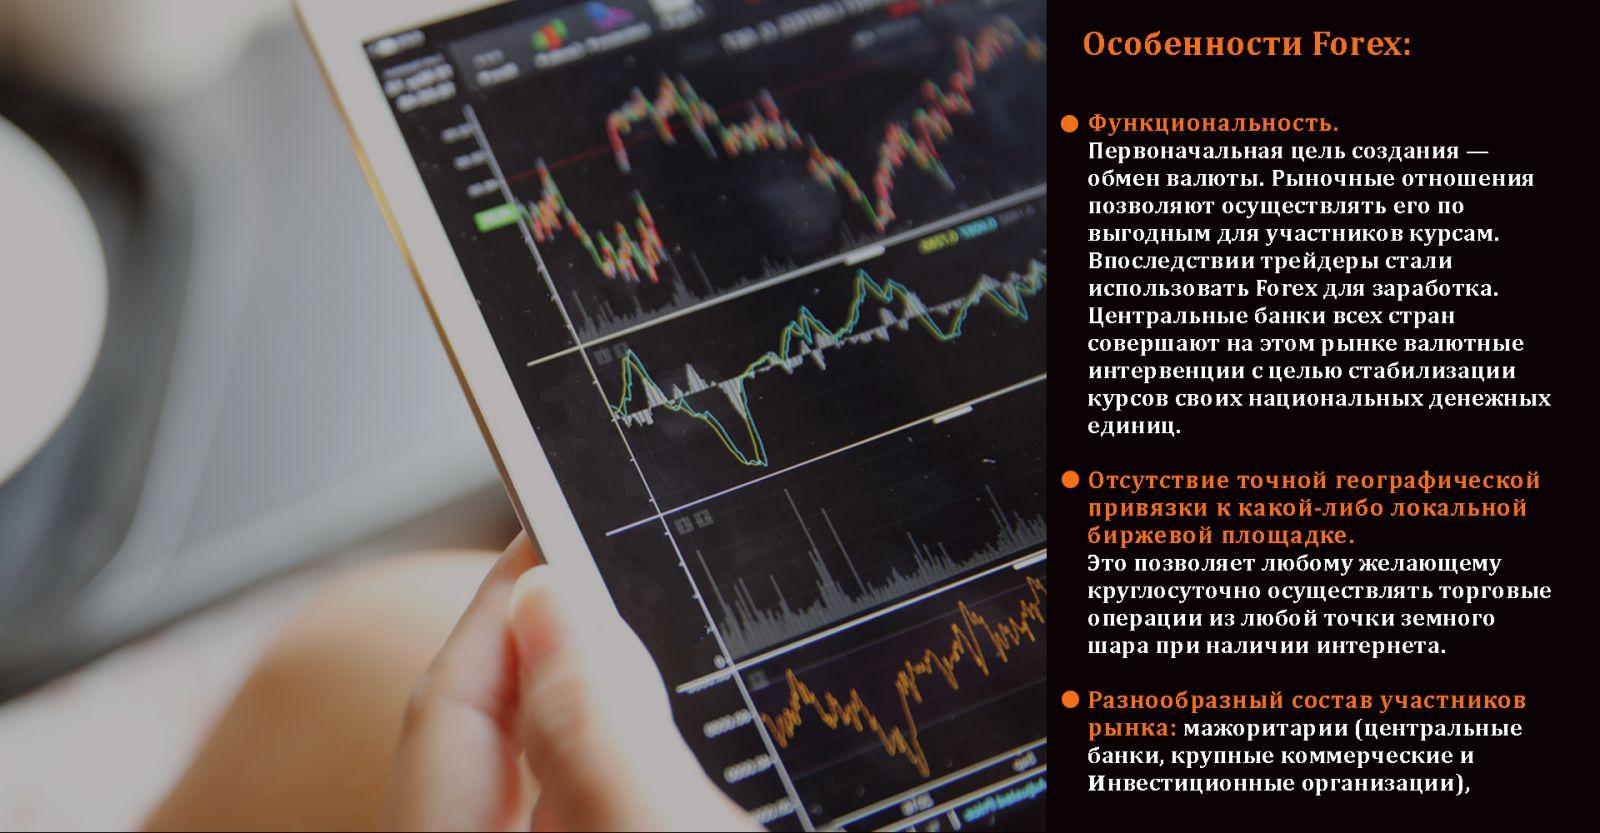 Основные особенности биржи Форекс